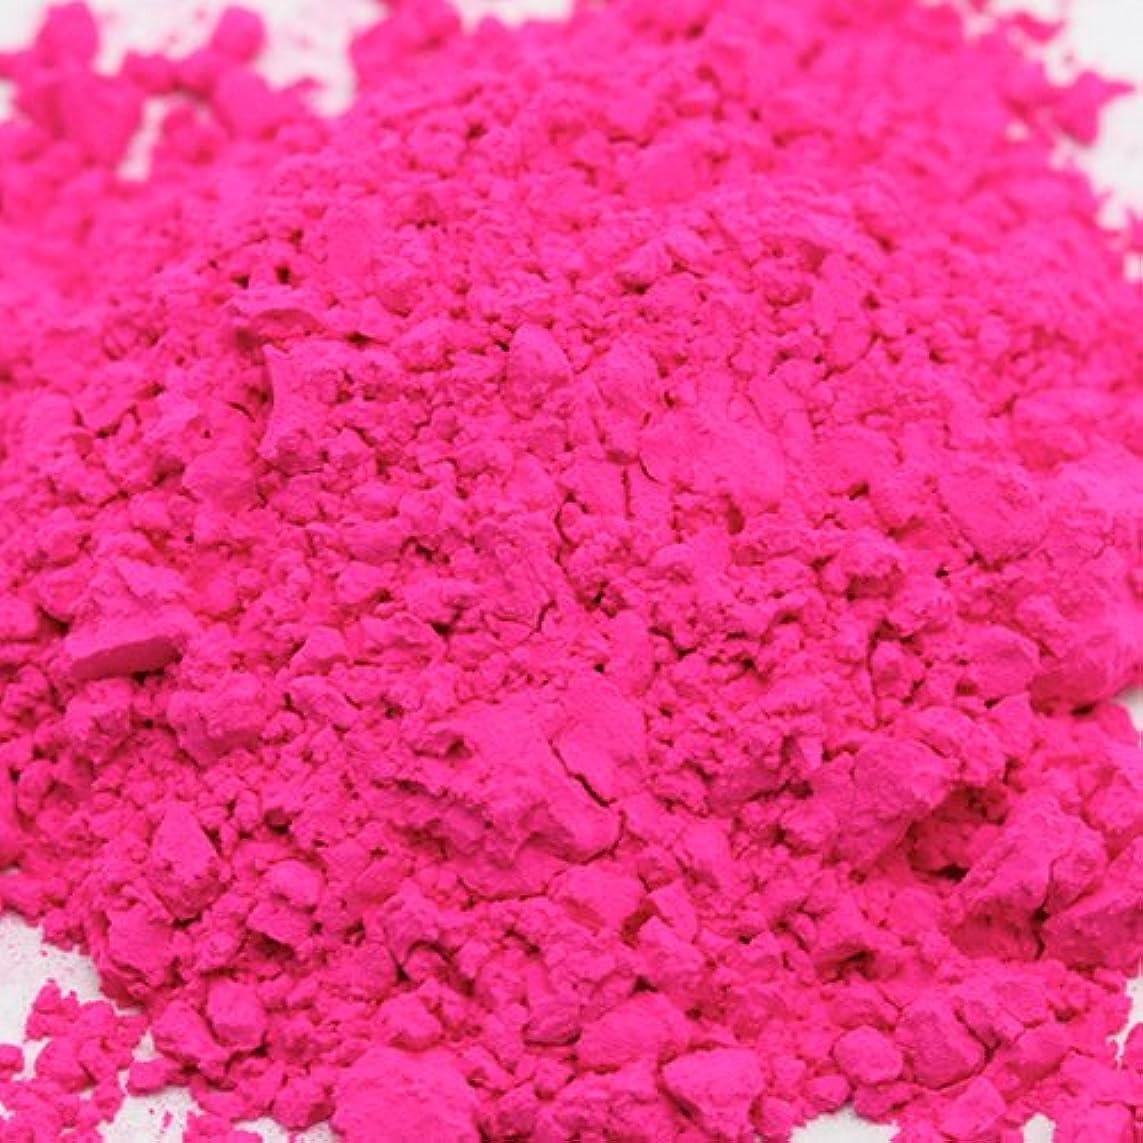 であること砲兵してはいけないキャンディカラー ピンク 5g 【手作り石鹸/手作りコスメ/色付け/カラーラント】